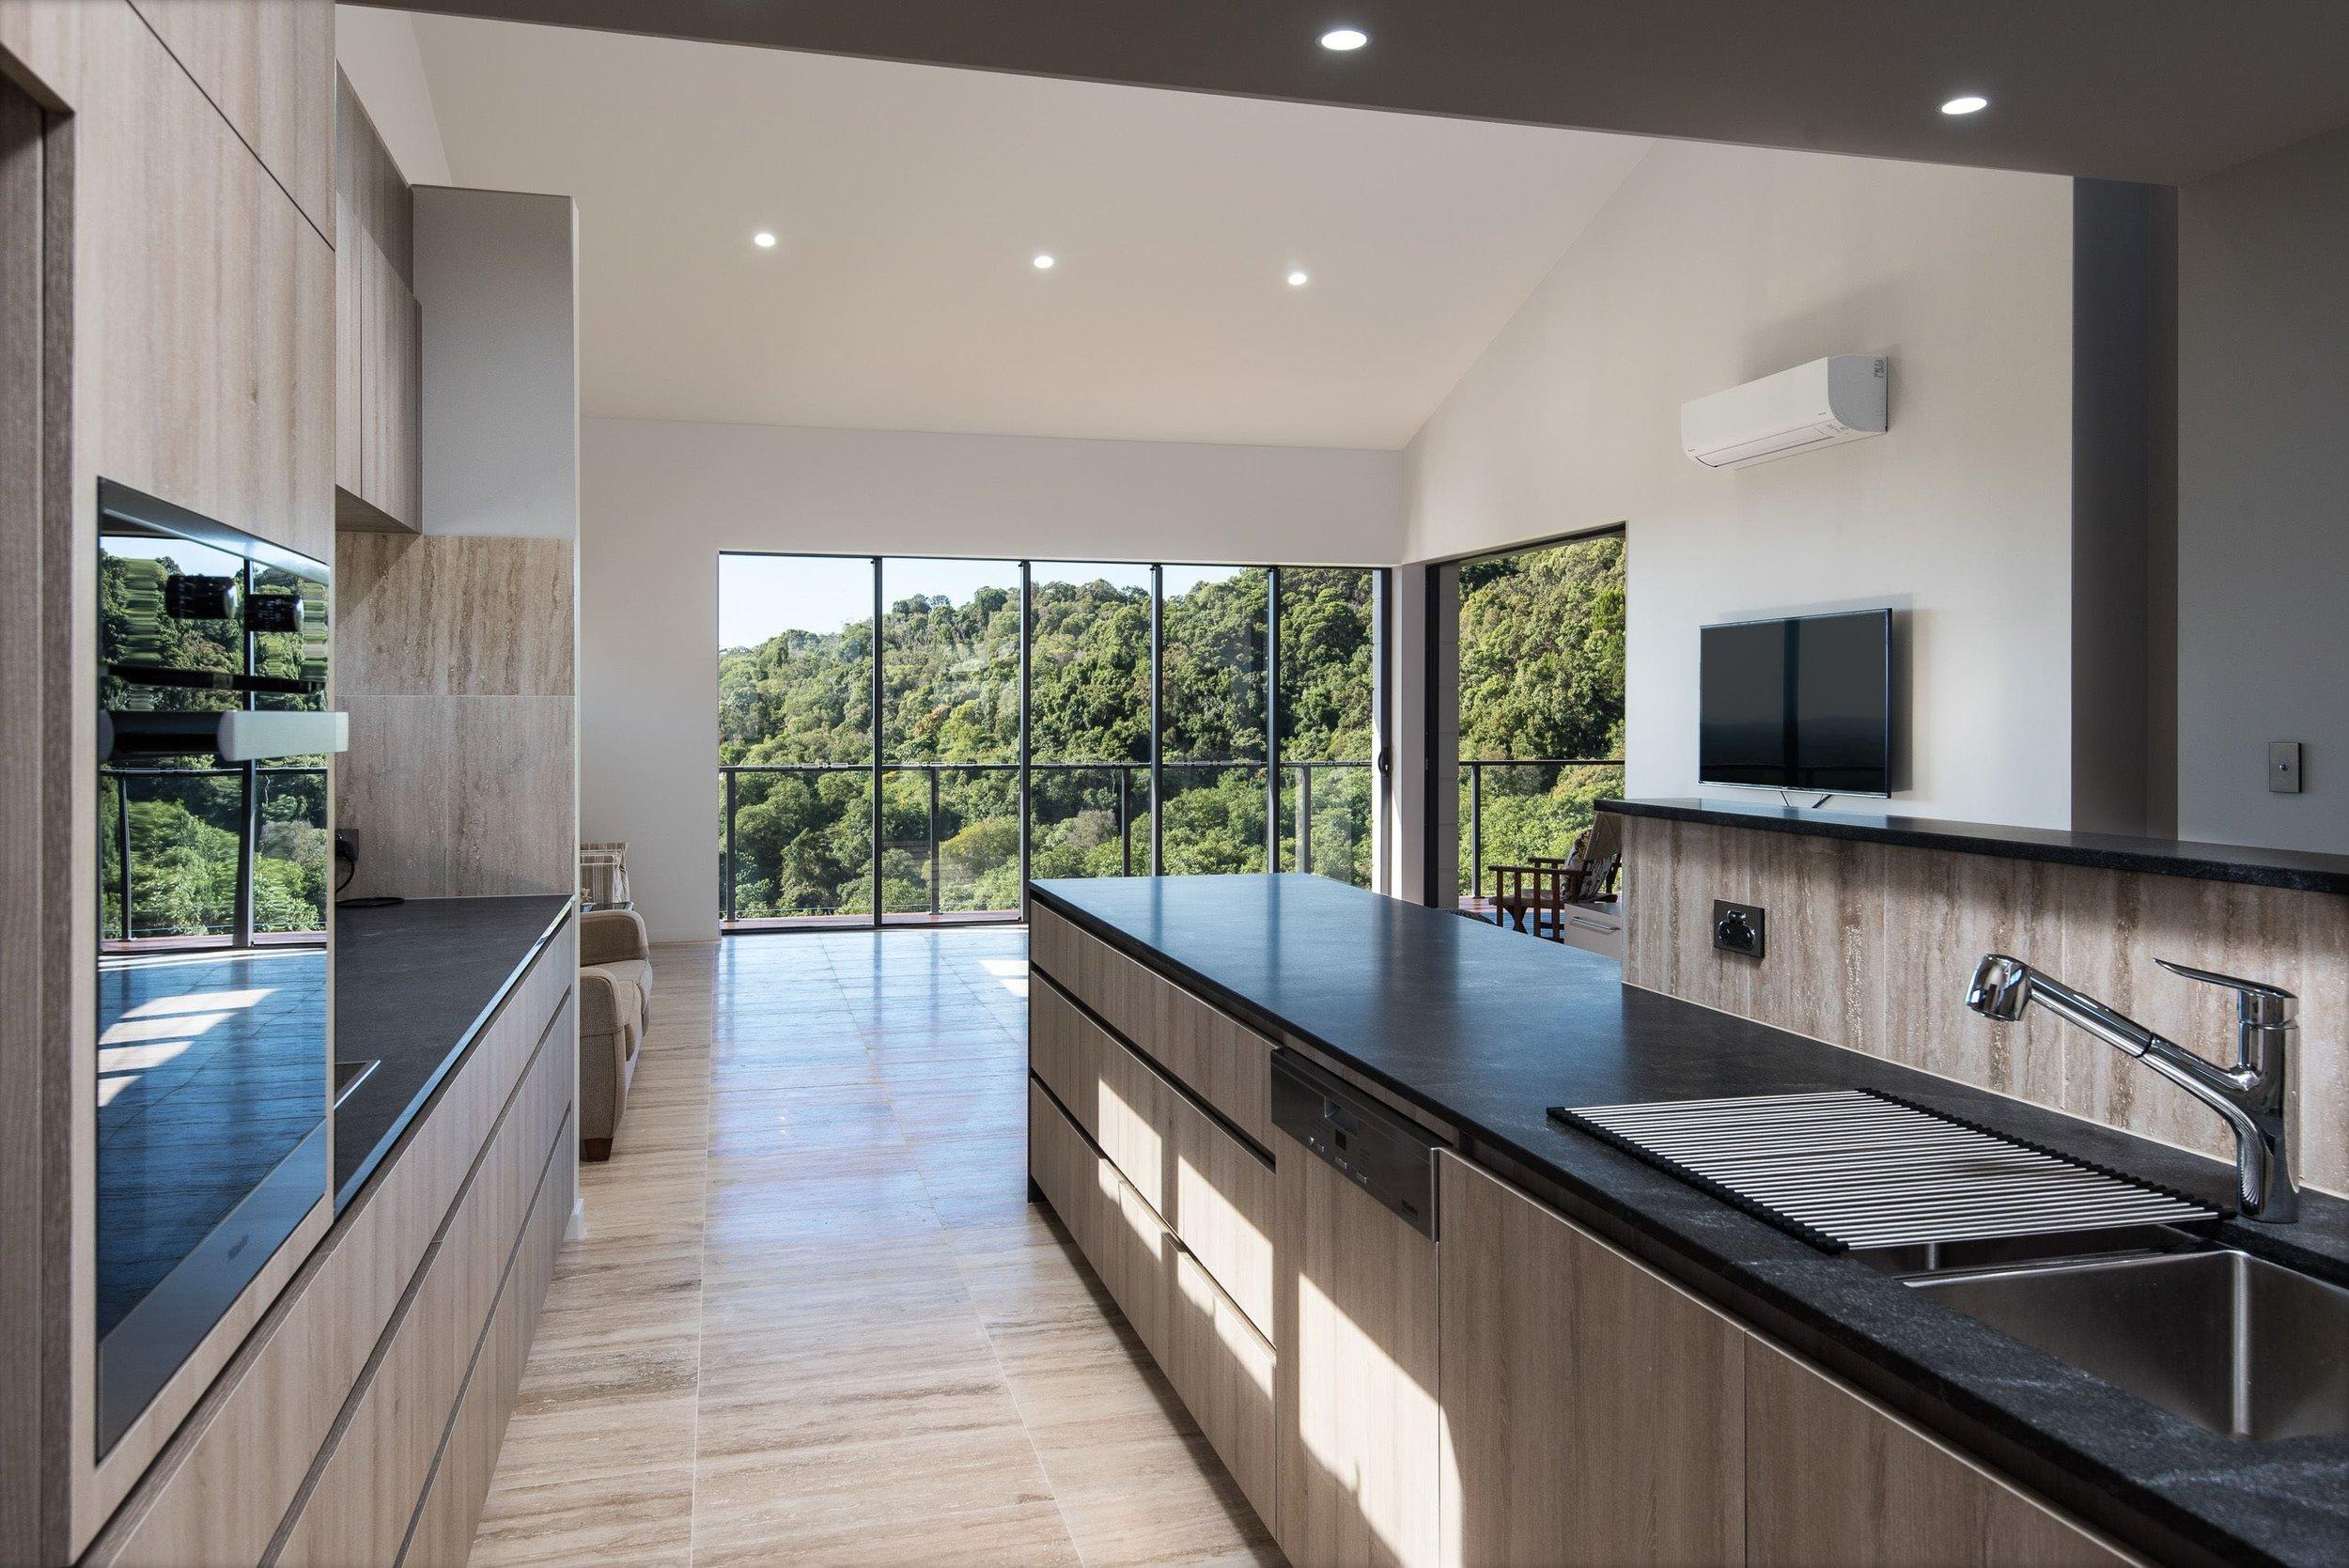 Interior3-kitchen (1)-min.jpg